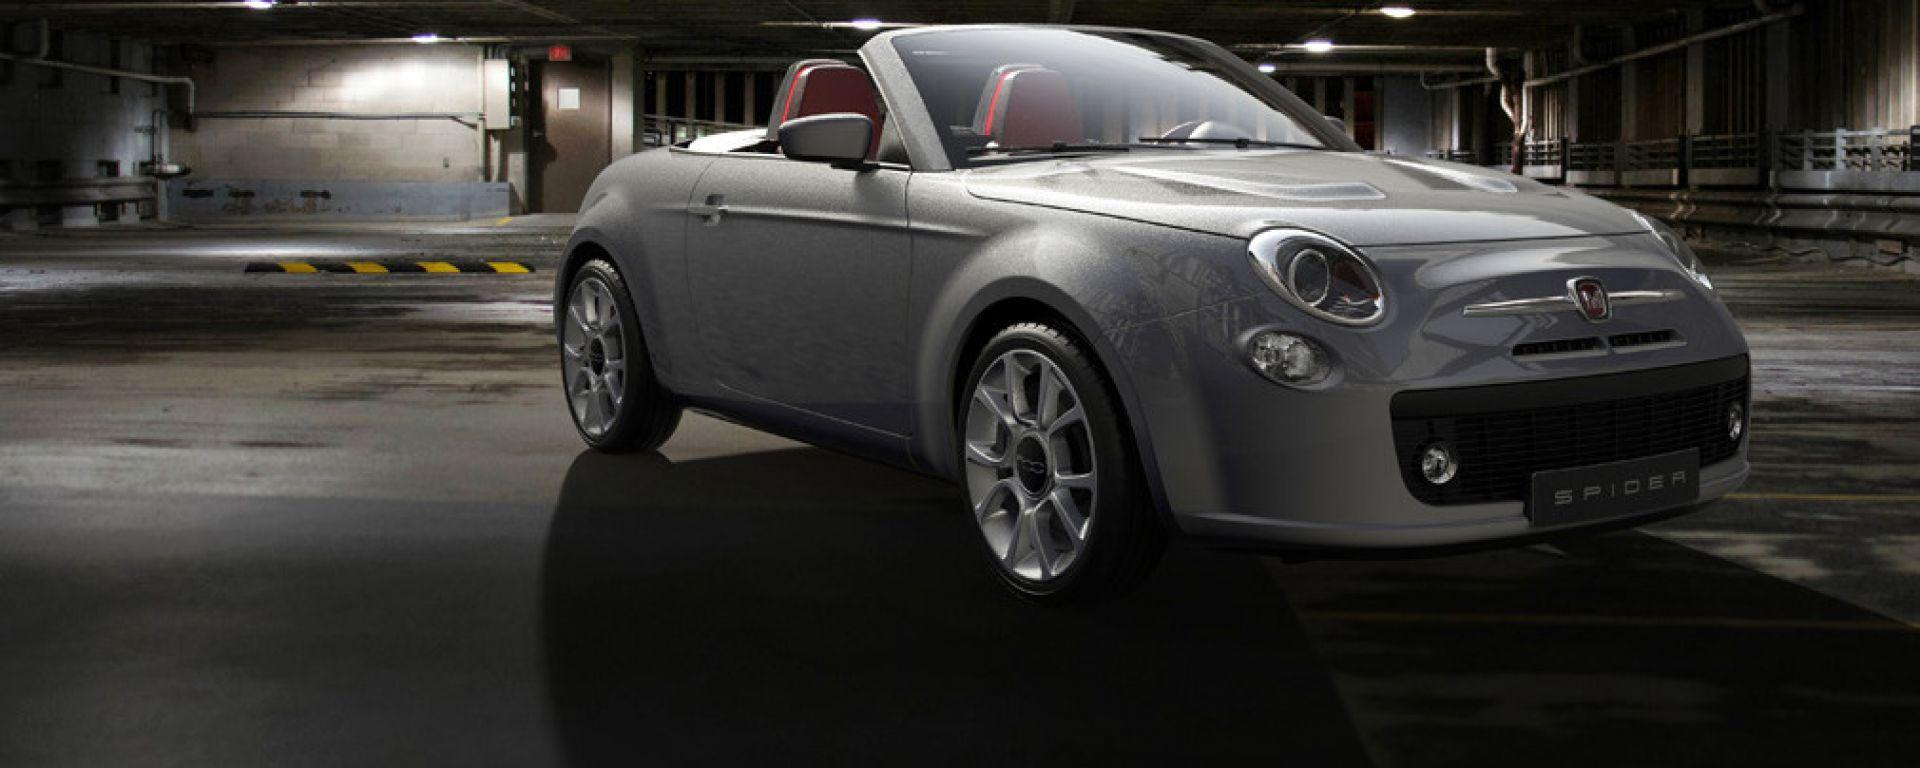 Fiat 500 Spider, il rendering di David Obendorfer